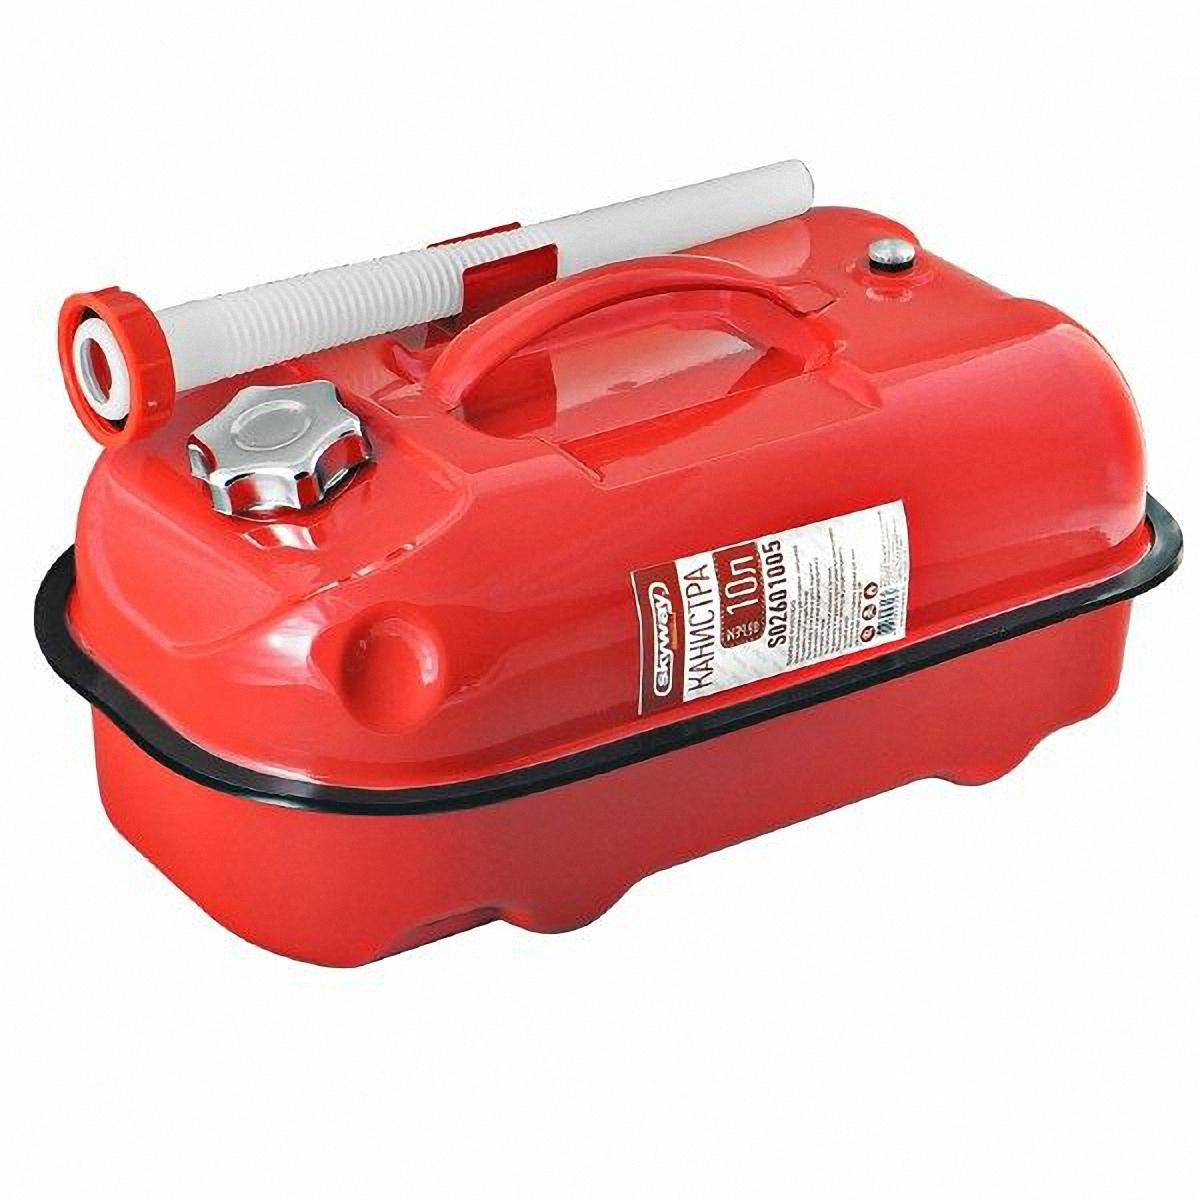 Канистра Skyway, цвет: красный, 10 л канистра для топлива dollex с носиком 10 л